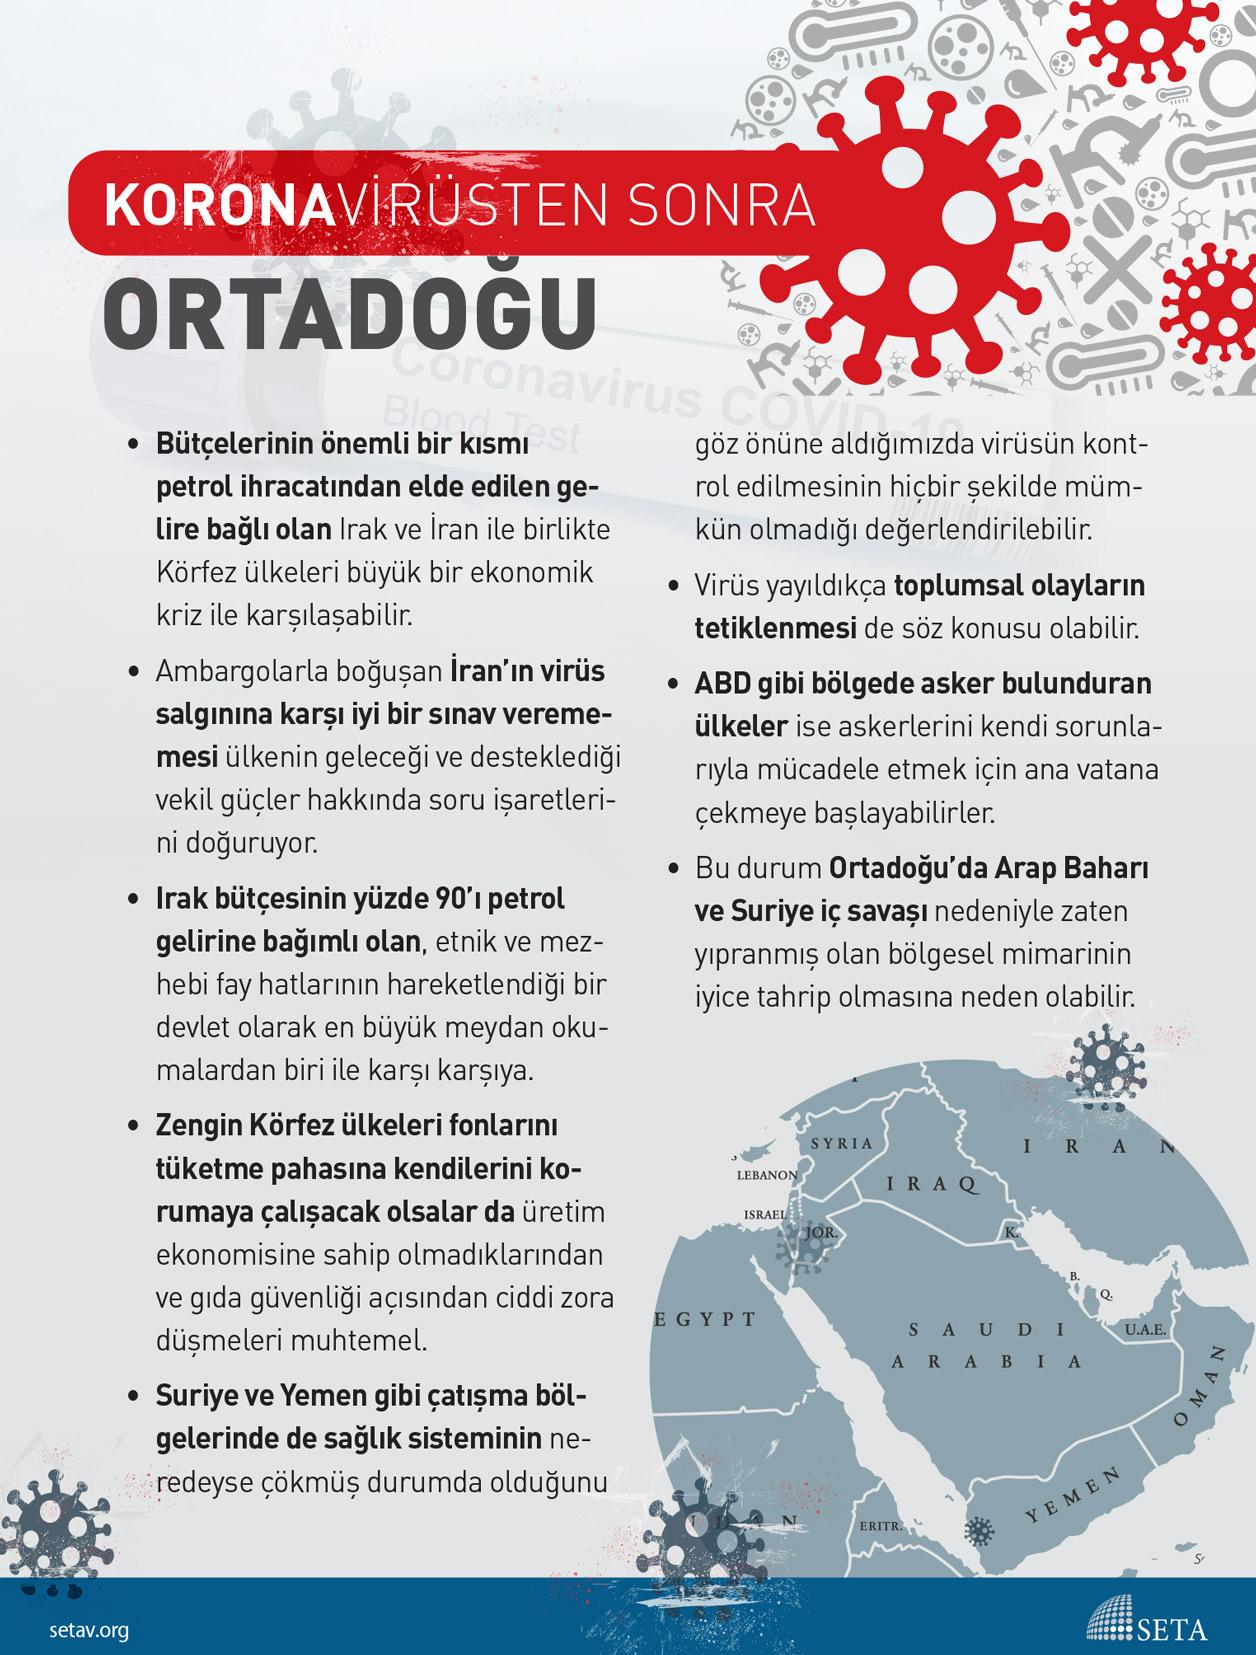 İnfografik: Koronavirüsten Sonra Ortadoğu